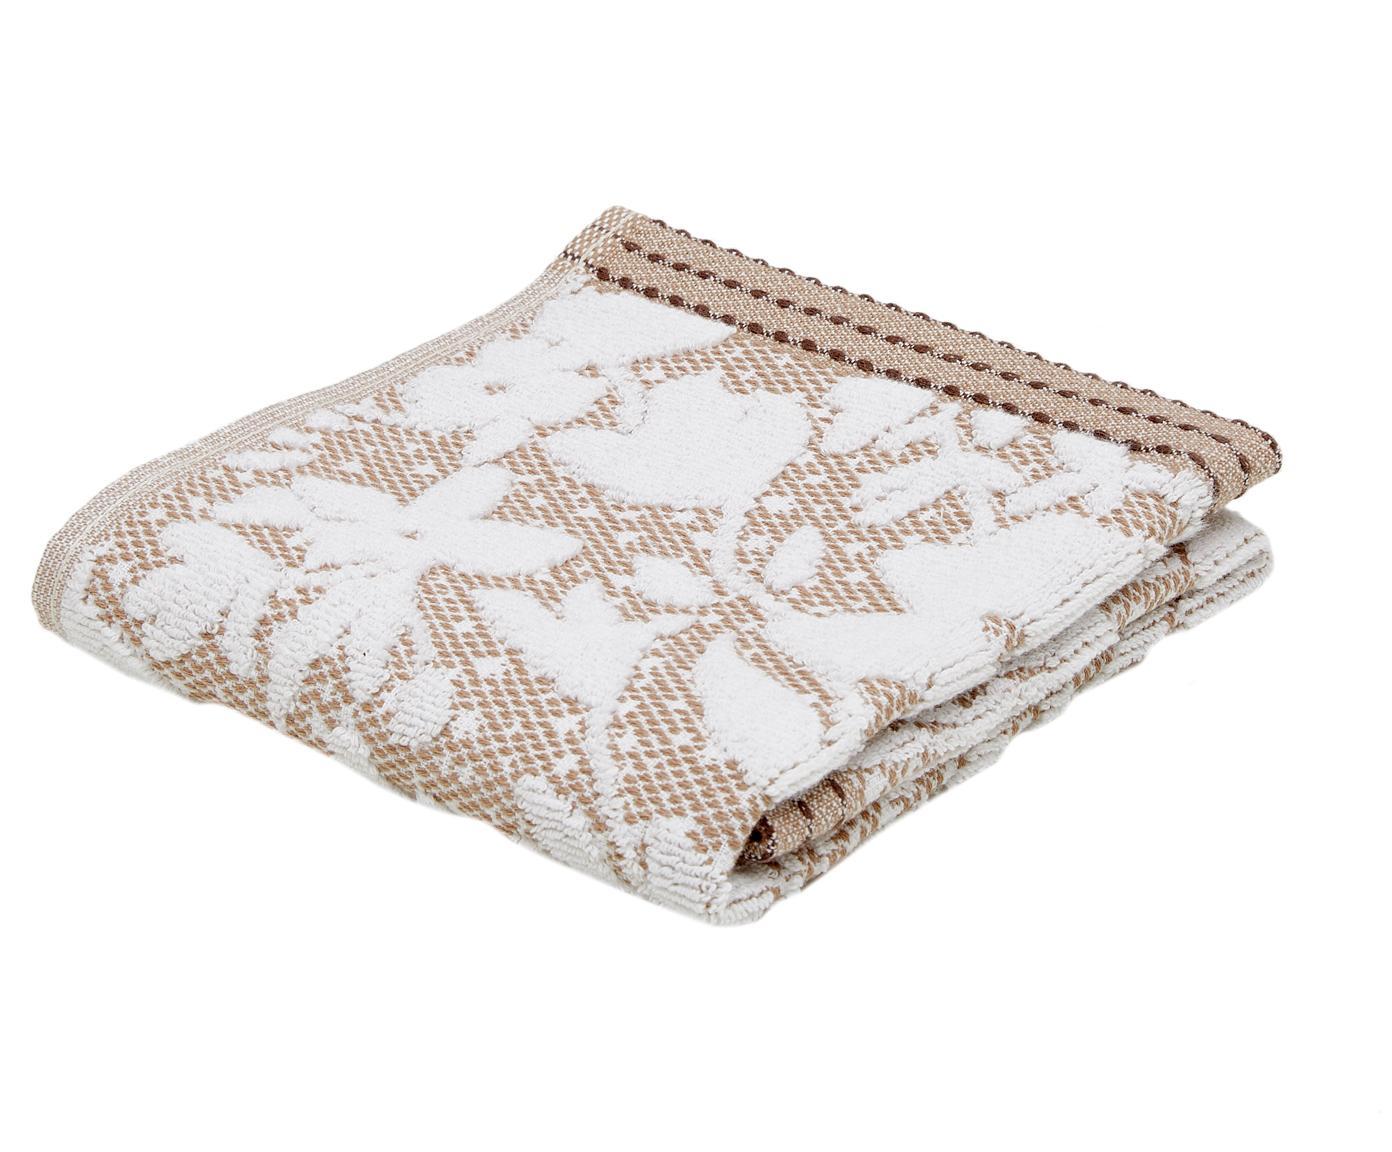 Handtuch Matiss mit floralem Hoch-Tief-Muster, Weiß, Taupe, Gästehandtuch